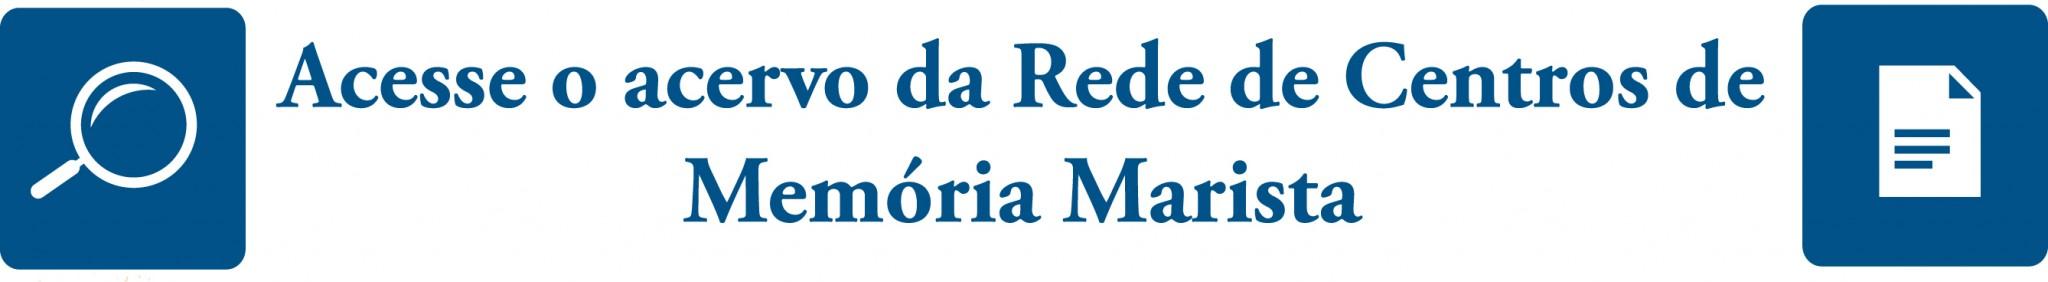 Rede de centros de Memórias Marista - União Marista do Brasil